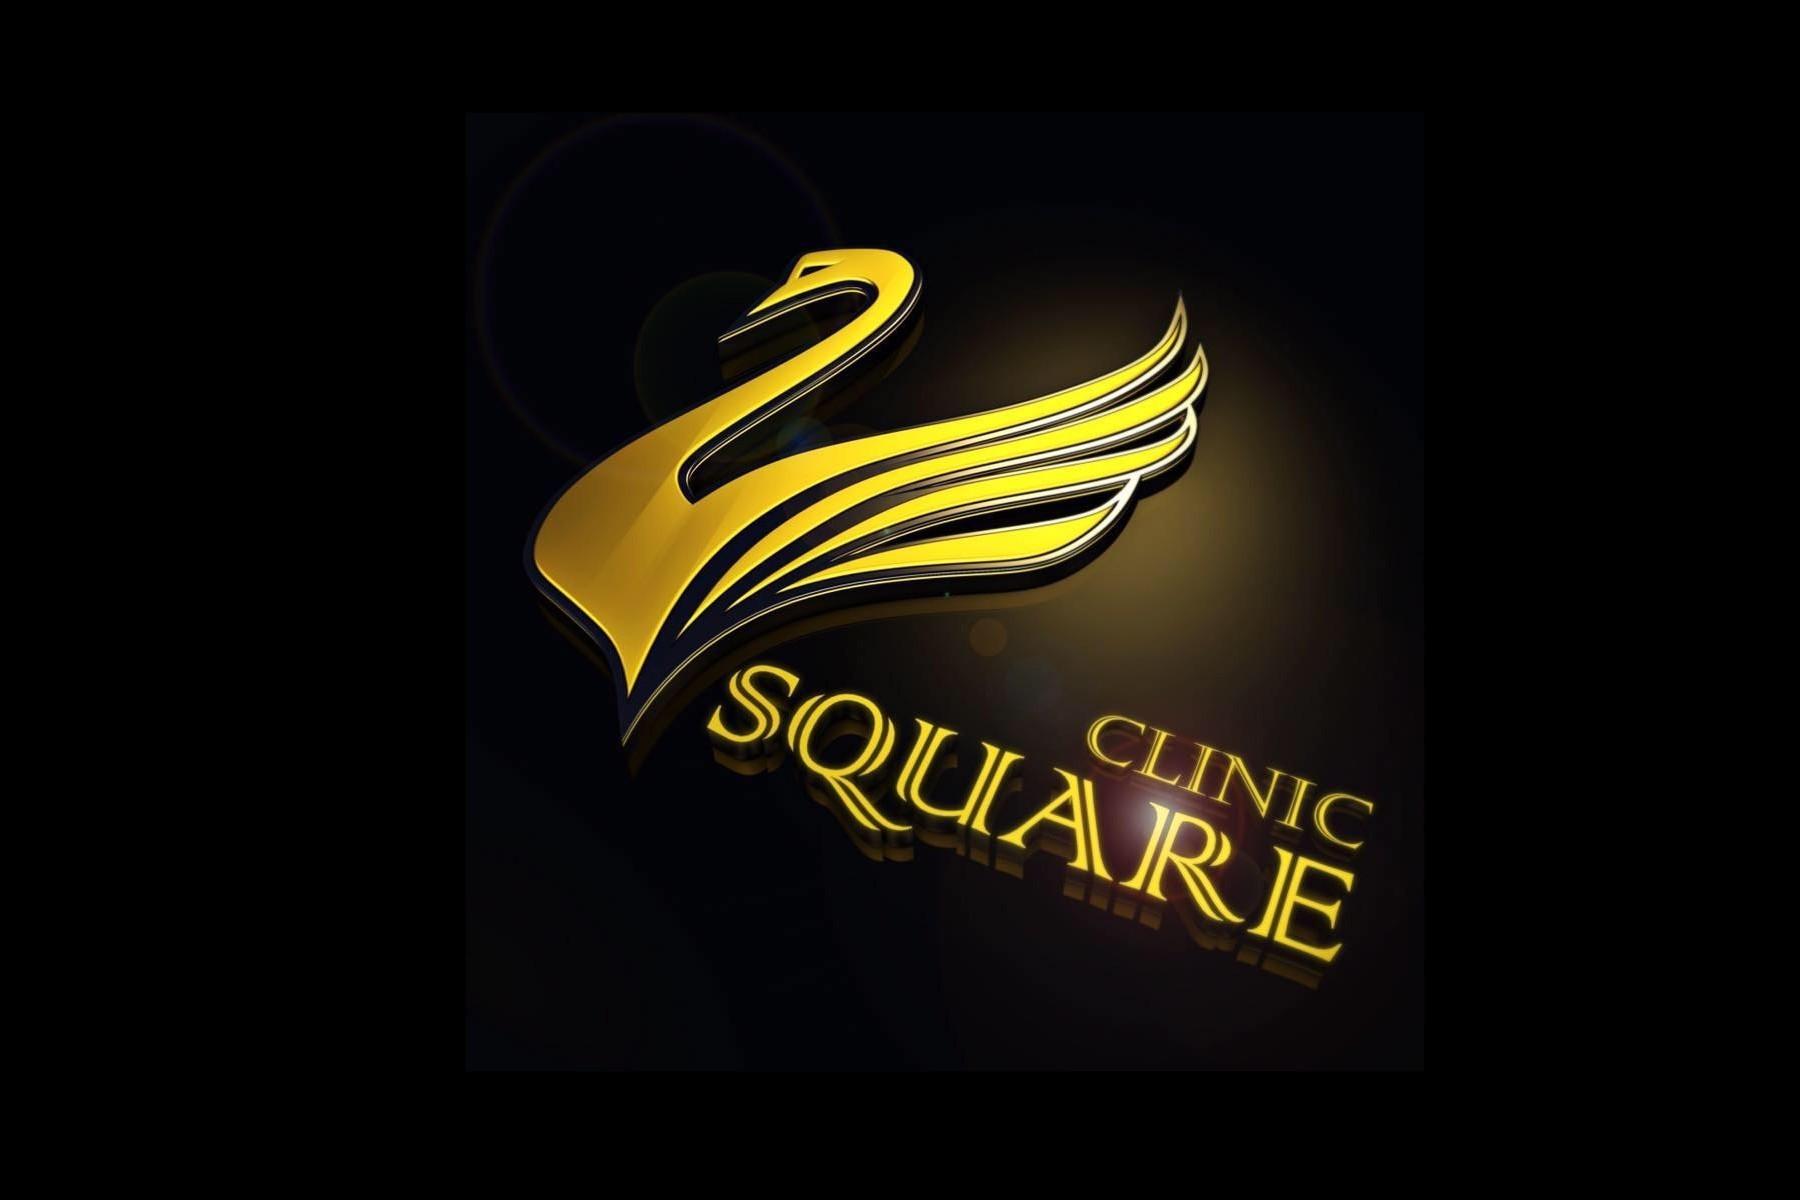 V Square Clinic Botox Filler Center